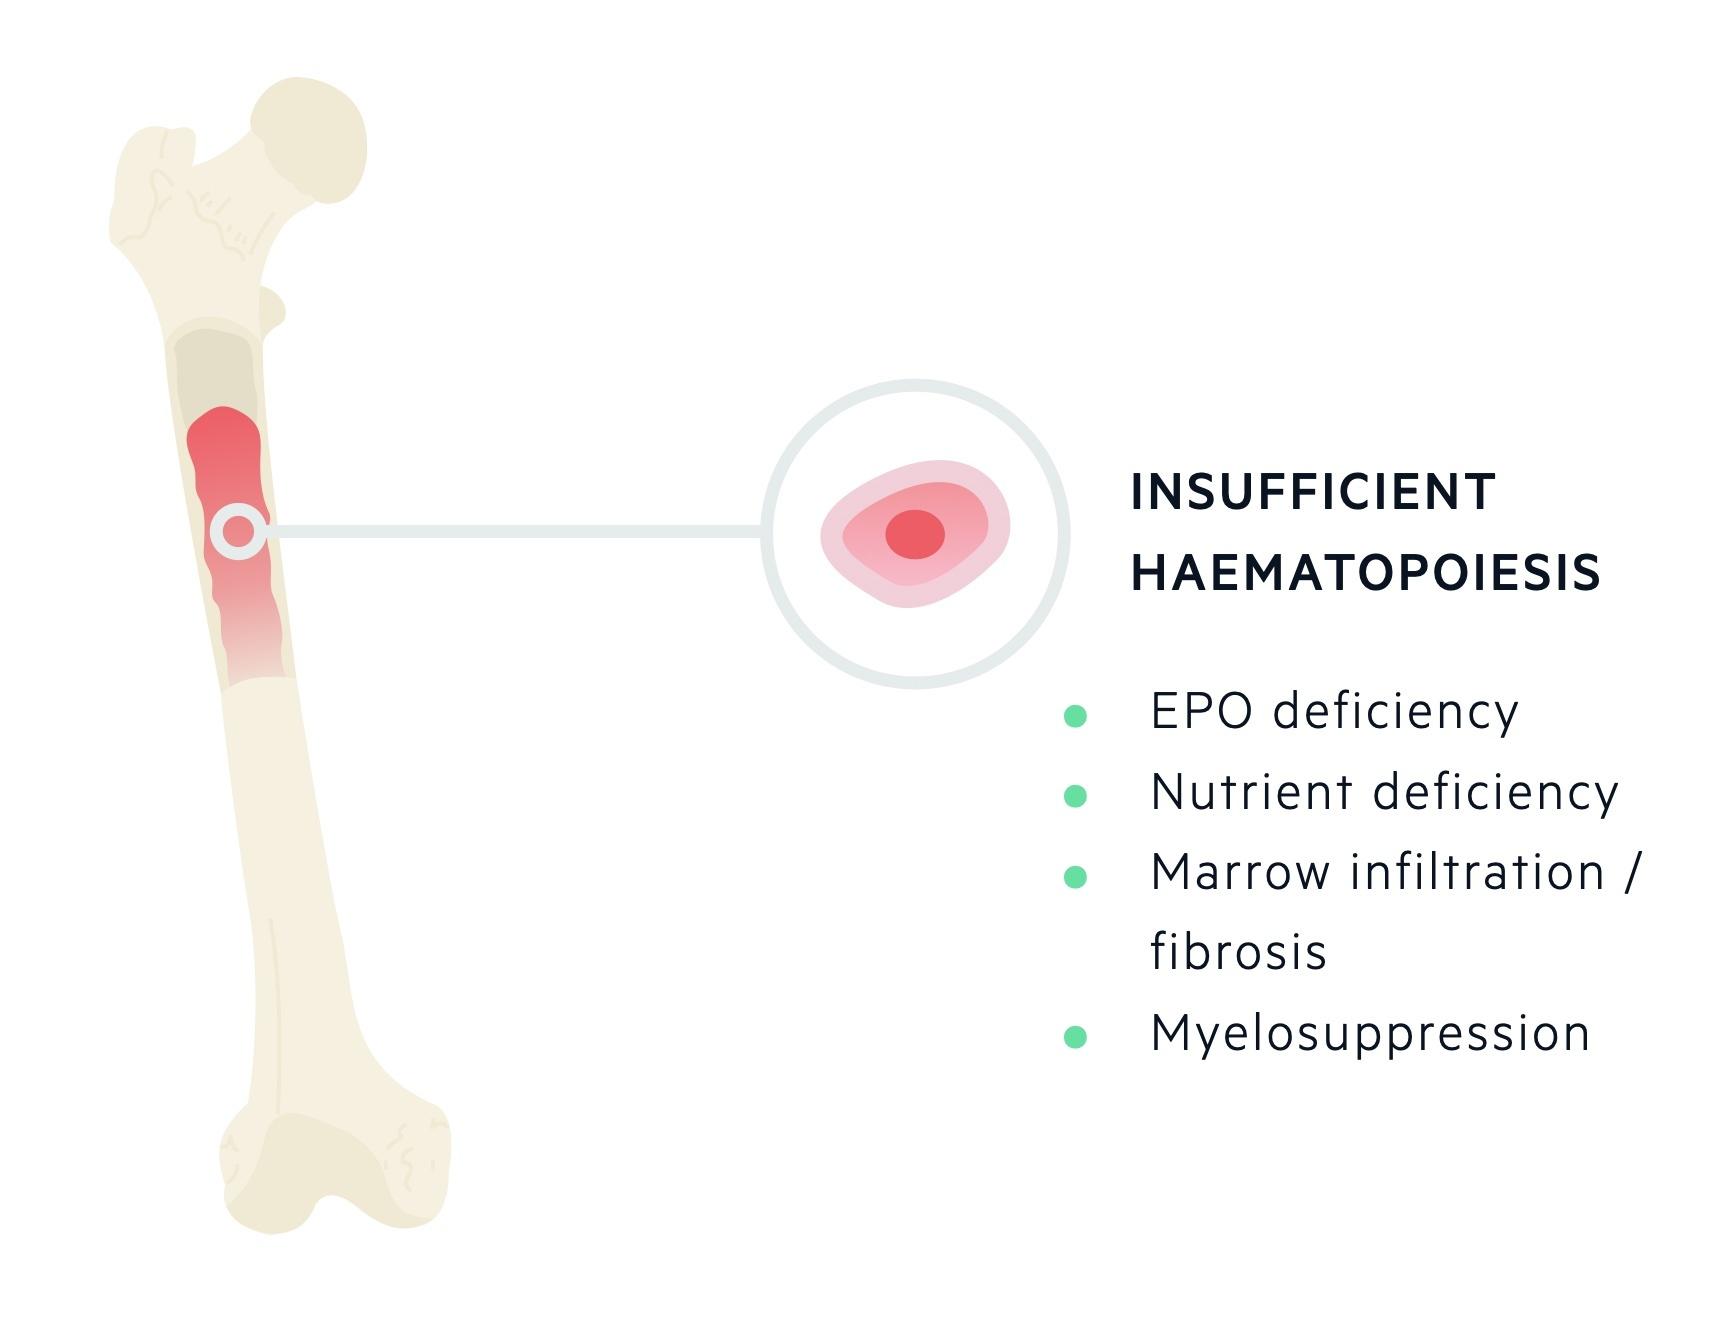 Insufficient haematopoiesis